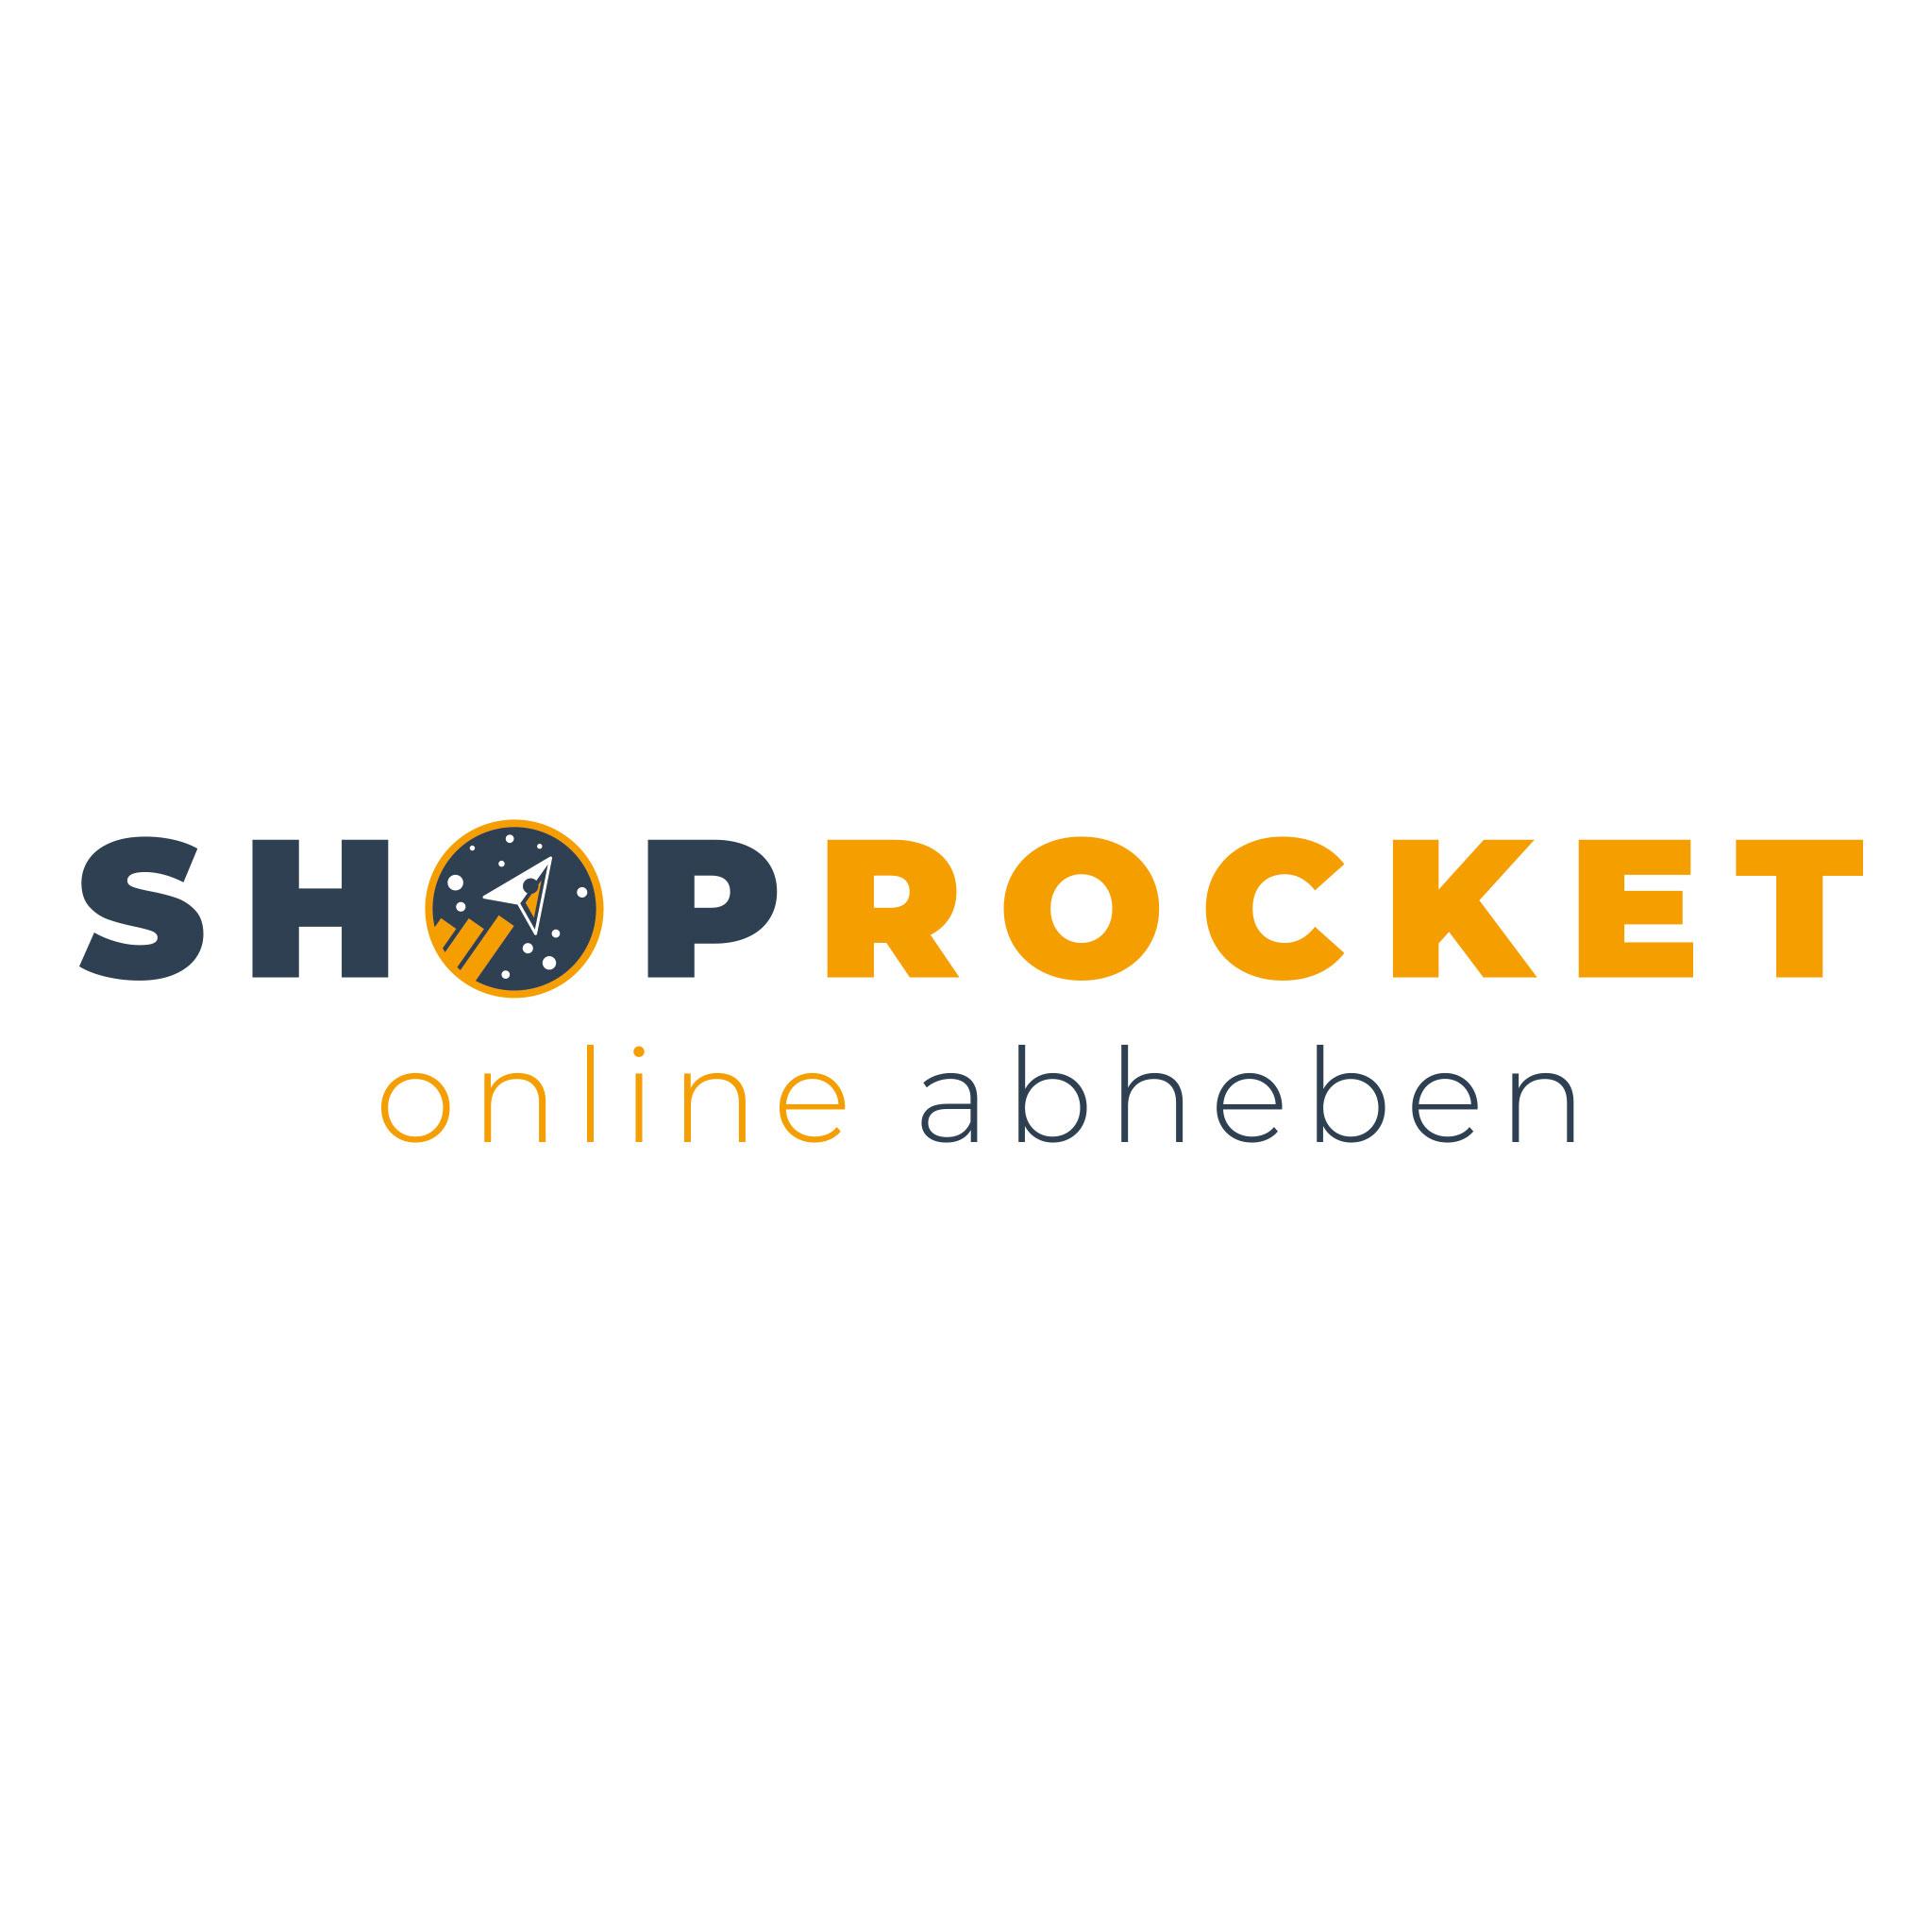 Shoprocket ist Businesspartner der kreativbiene.